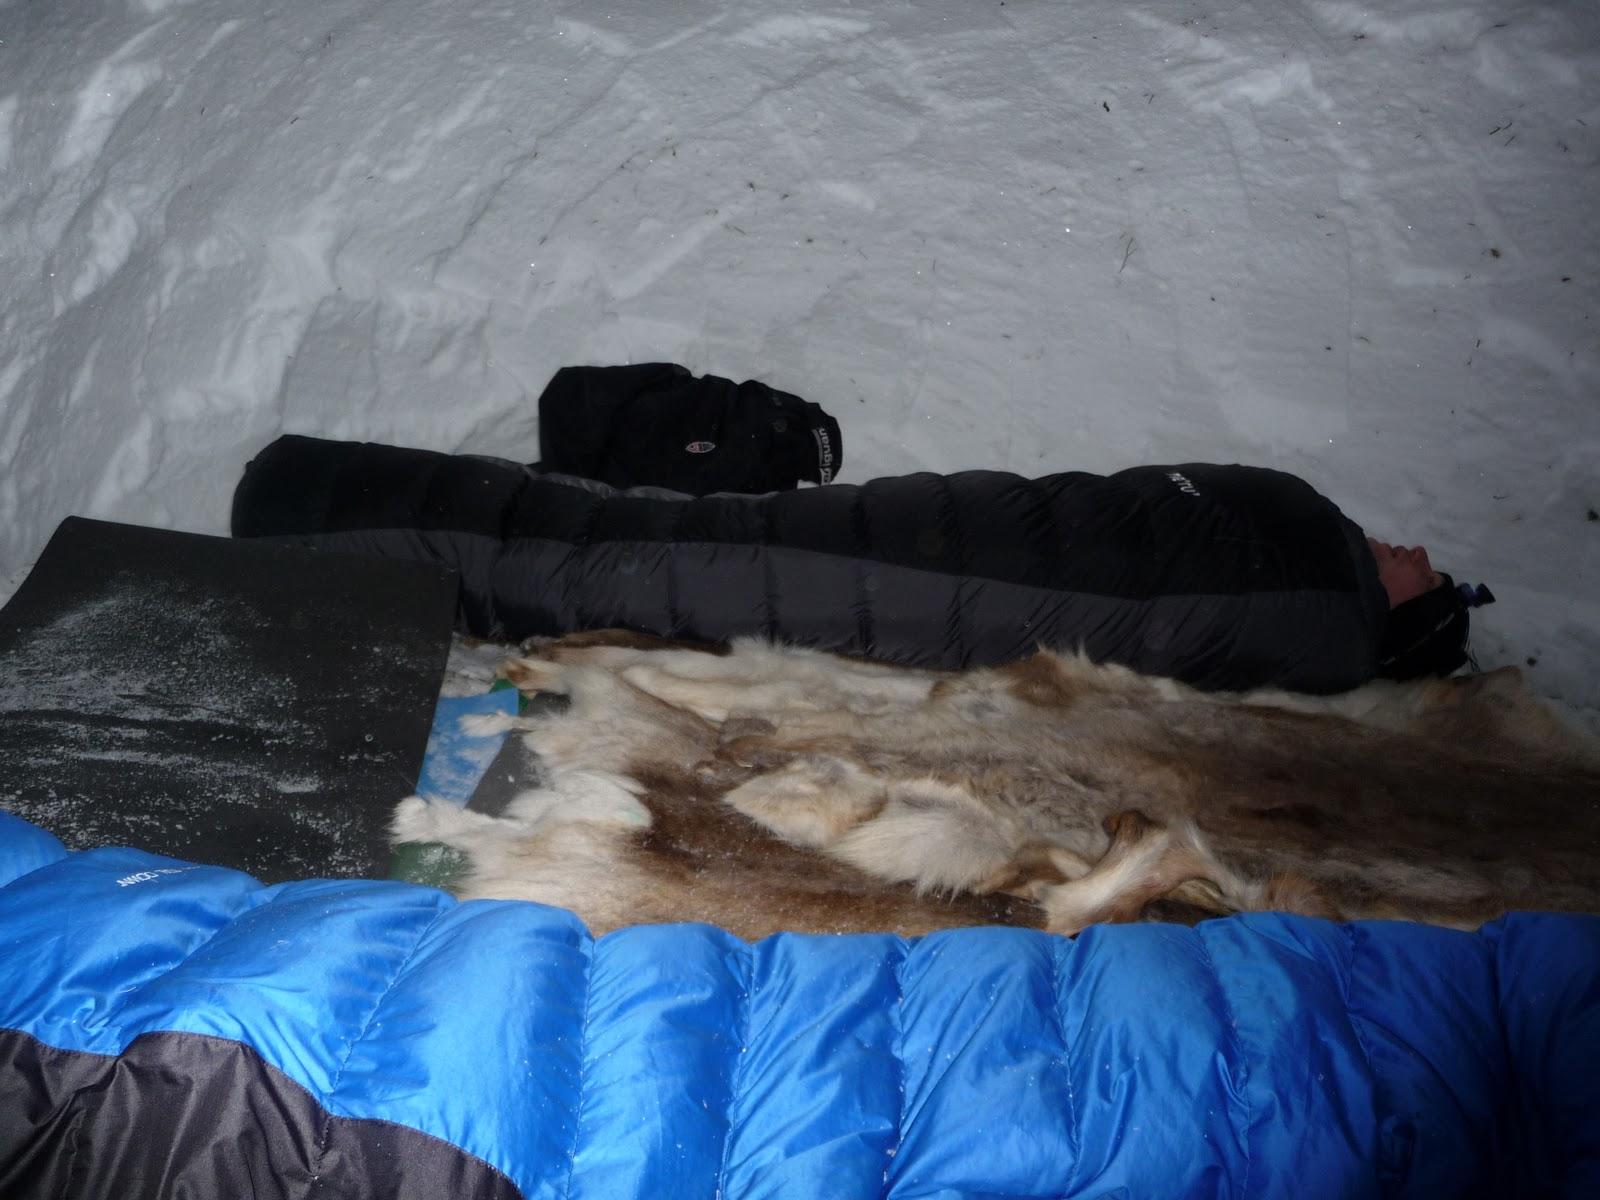 Im Zelt Von Einem Der Auszog Um Draußen Zu Schlafen : Helvetia schweiz ade auf quot elchrettung in lappland